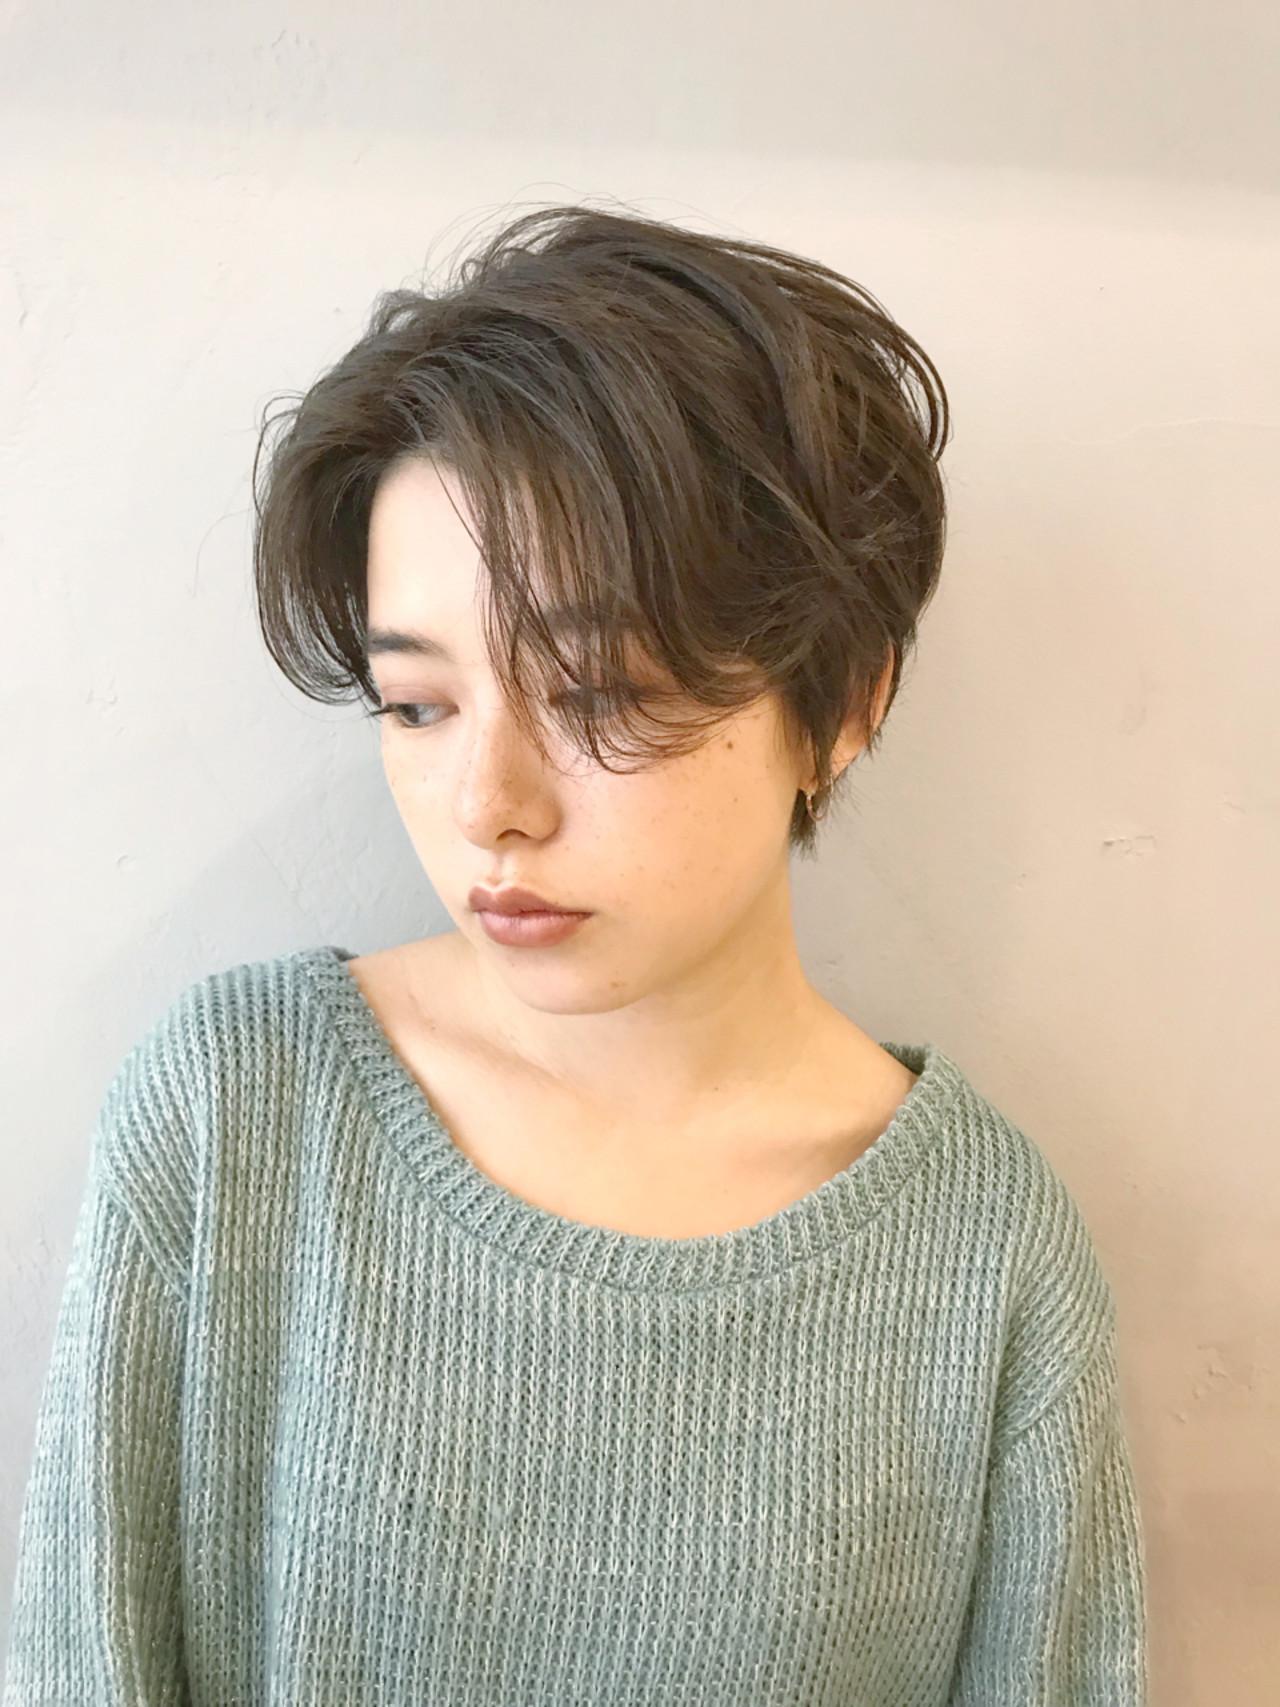 大人シックな表情のショートヘア 金中 洋介【Lomalia】